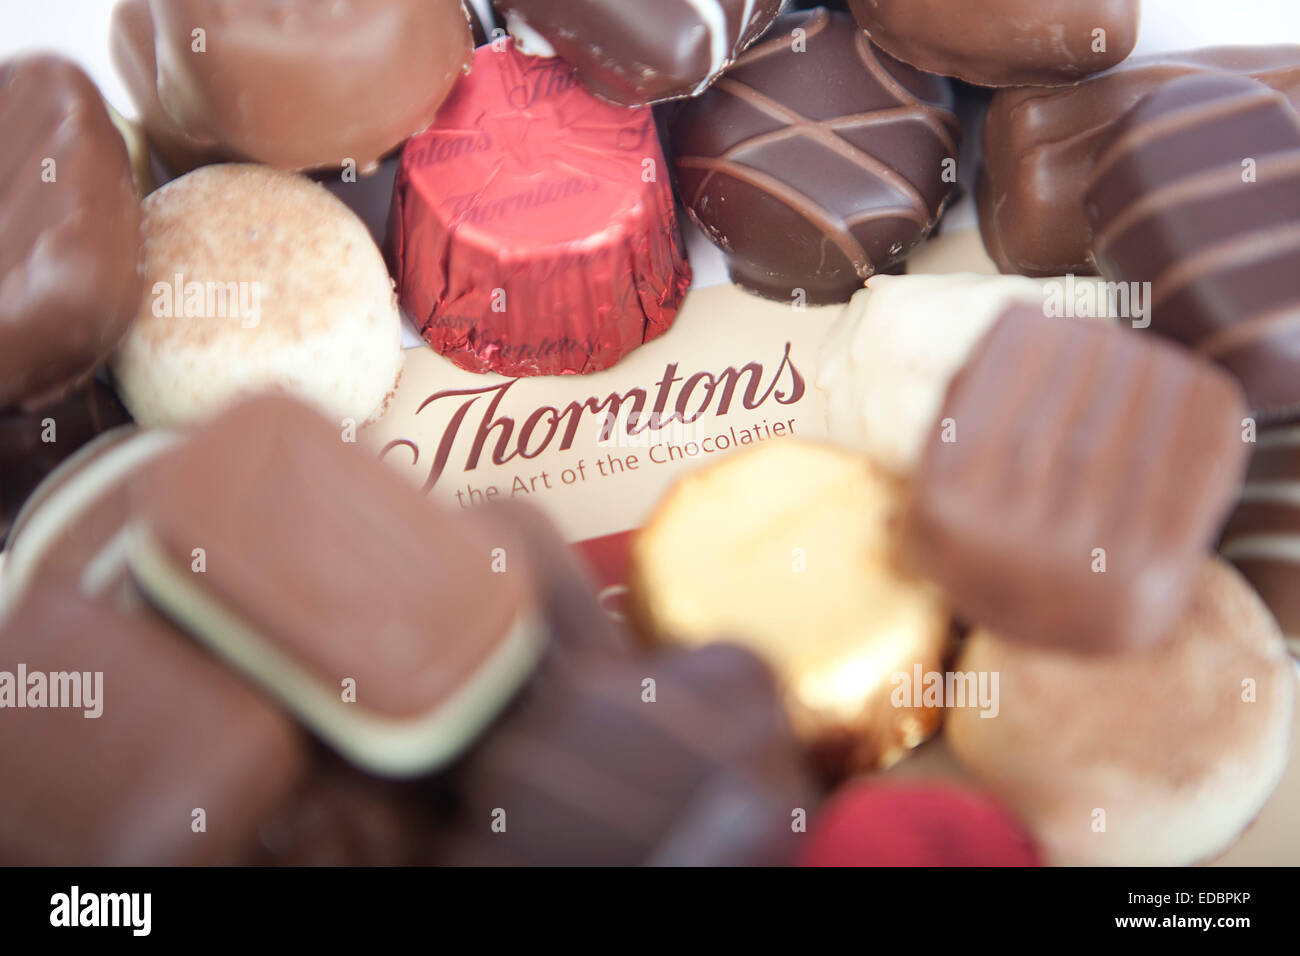 Anschauliches Bild von Thorntons Schokolade. Stockbild